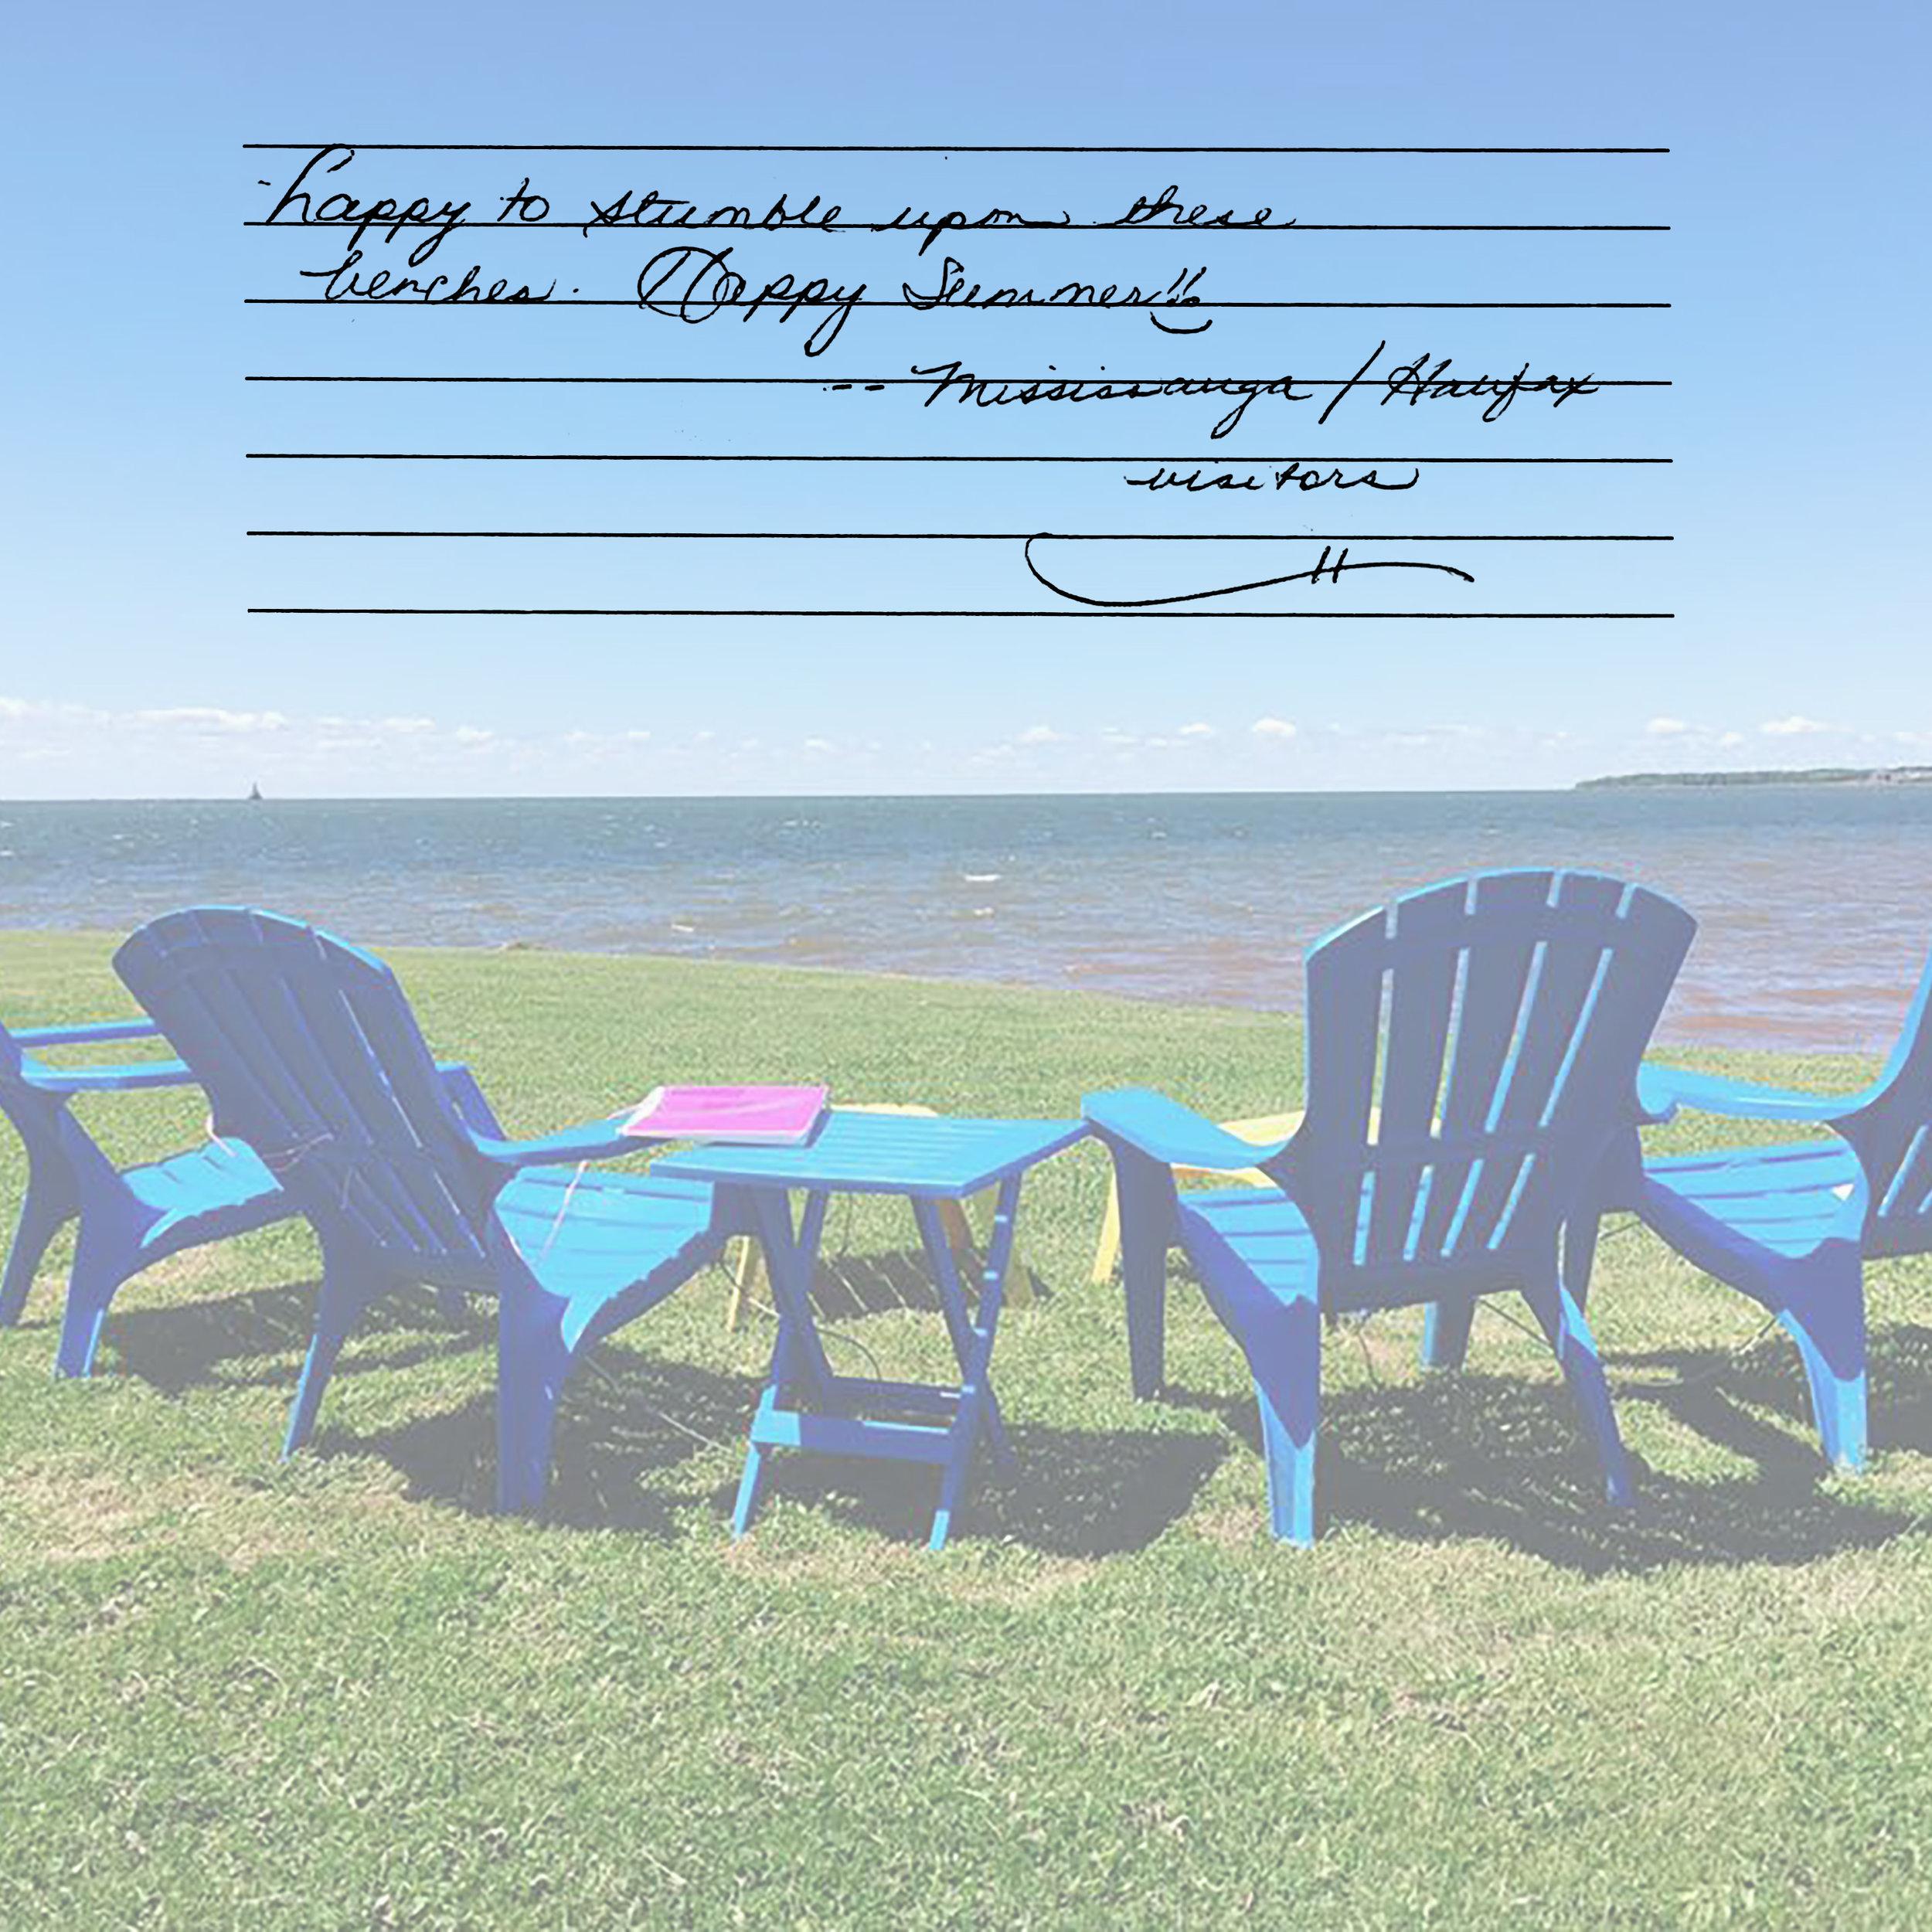 160627_Chairs 11.jpg